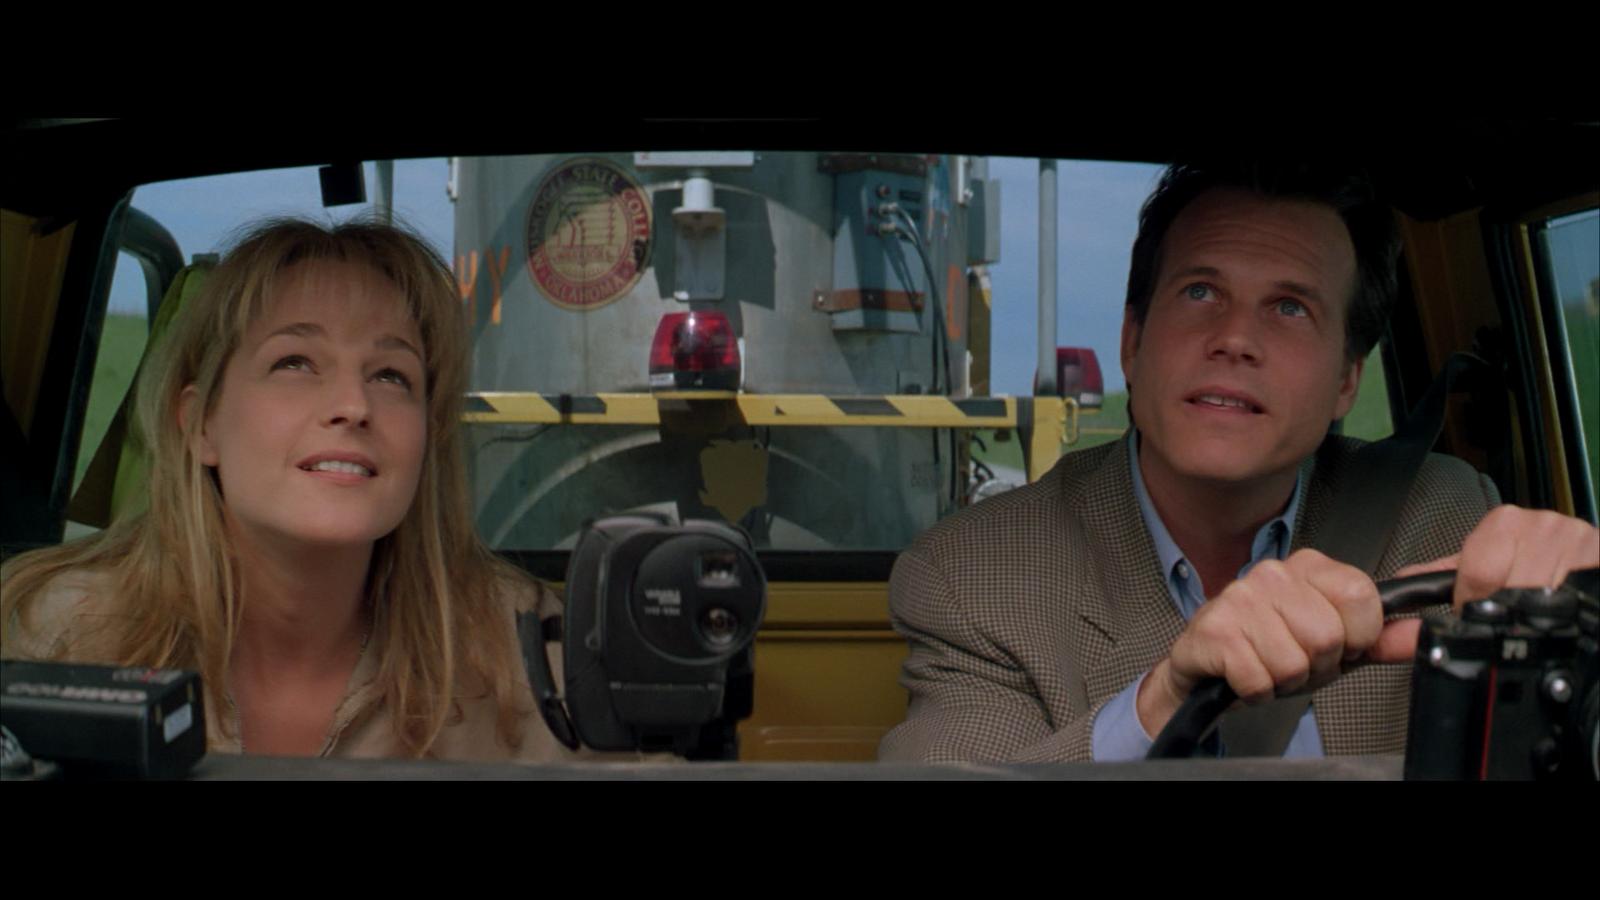 as Bill Harding in Twister (1996)